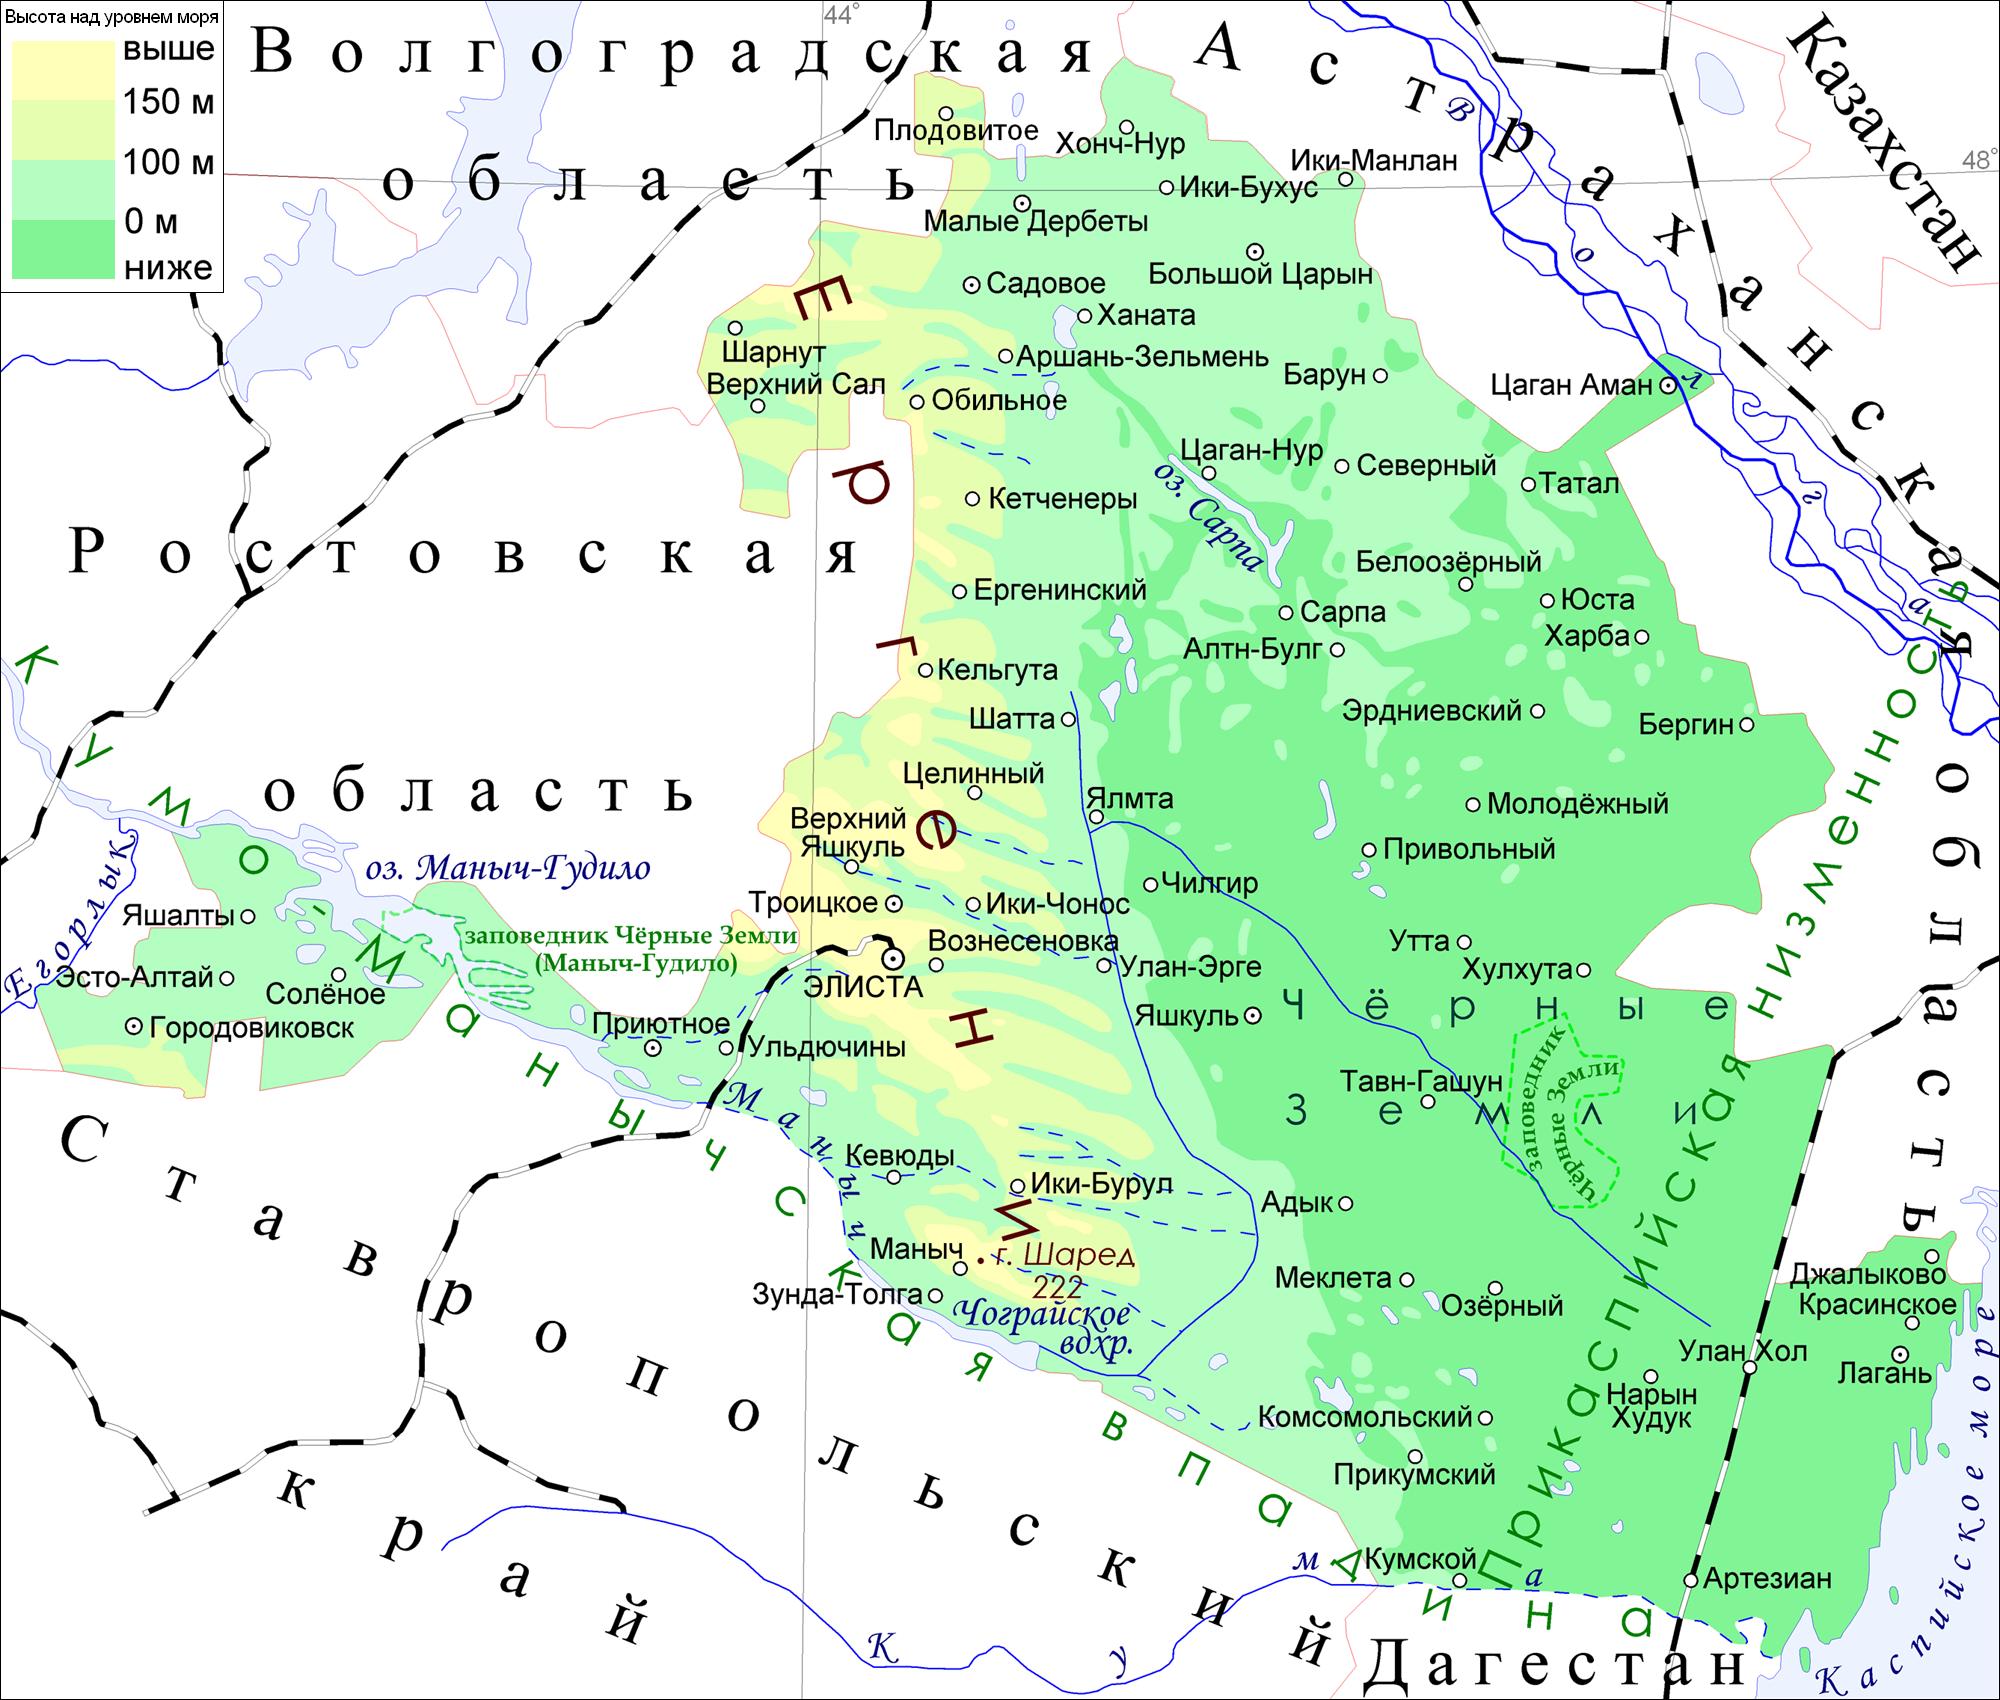 Топографическая карта калмыкии подробная